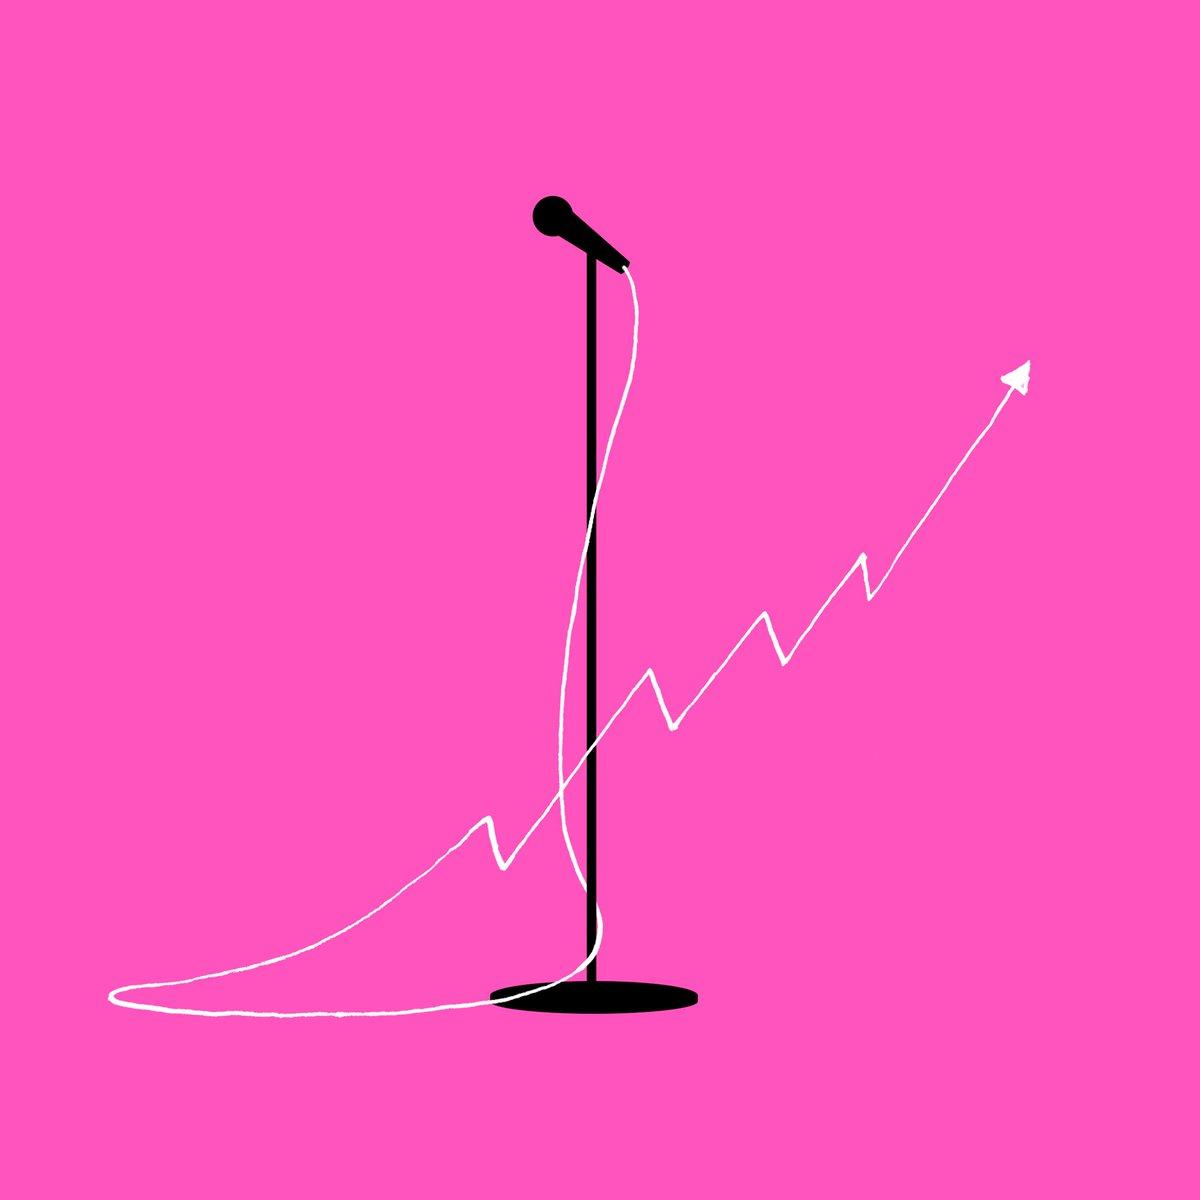 Obama döneminde ekonomi başdanışmanlığı yapan iktisat profesörü Alan B. Krueger'ın müzik endüstrisinin çeşitli yönleriyle fotoğrafını çektiği çalışması Müzikonomi - Müzik Endüstrisi Ekonomi ve Hayata Dair Ne Söylüyor?, @mundikitap tarafından yayımlandı. https://t.co/N1rwIbsxJO https://t.co/hTSOWtiwL0